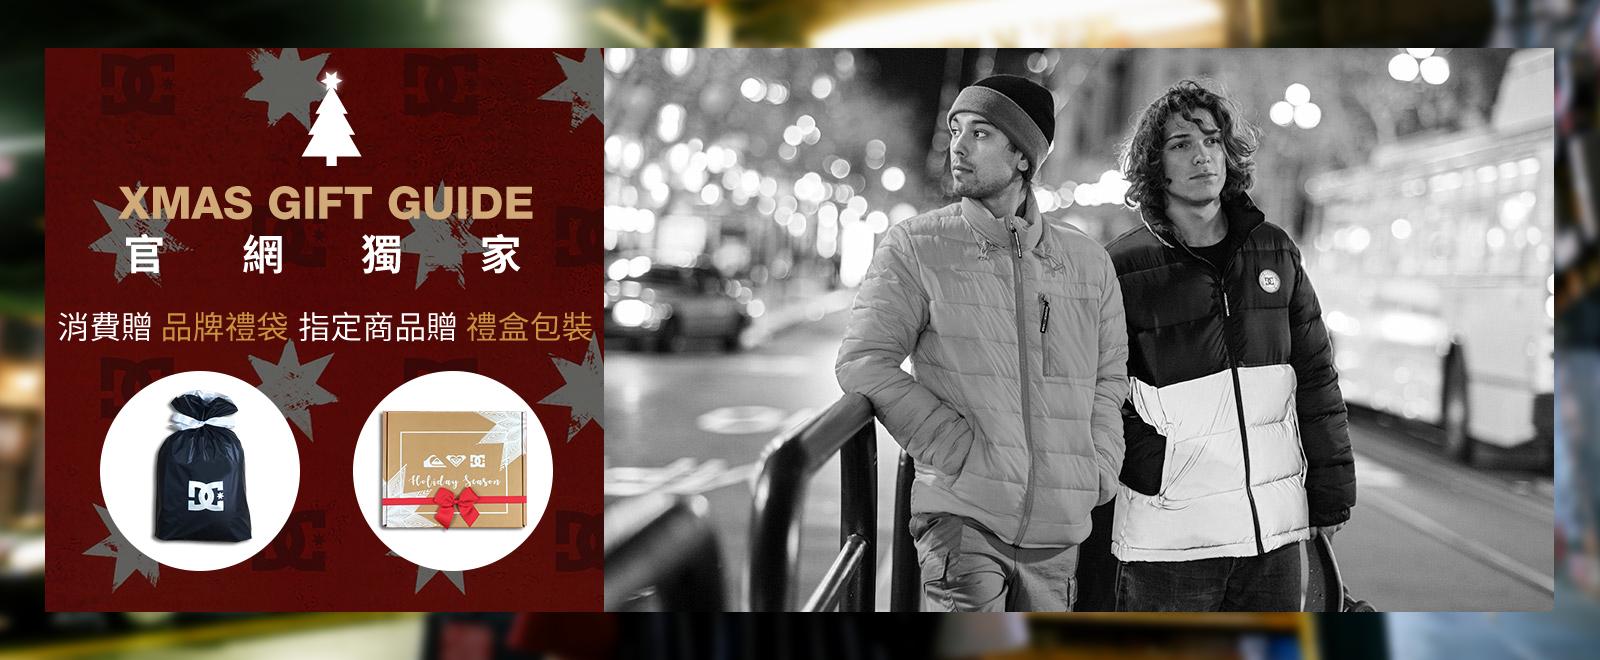 DC Shoes 官網獨家買就送禮袋,指定商品贈禮盒包裝